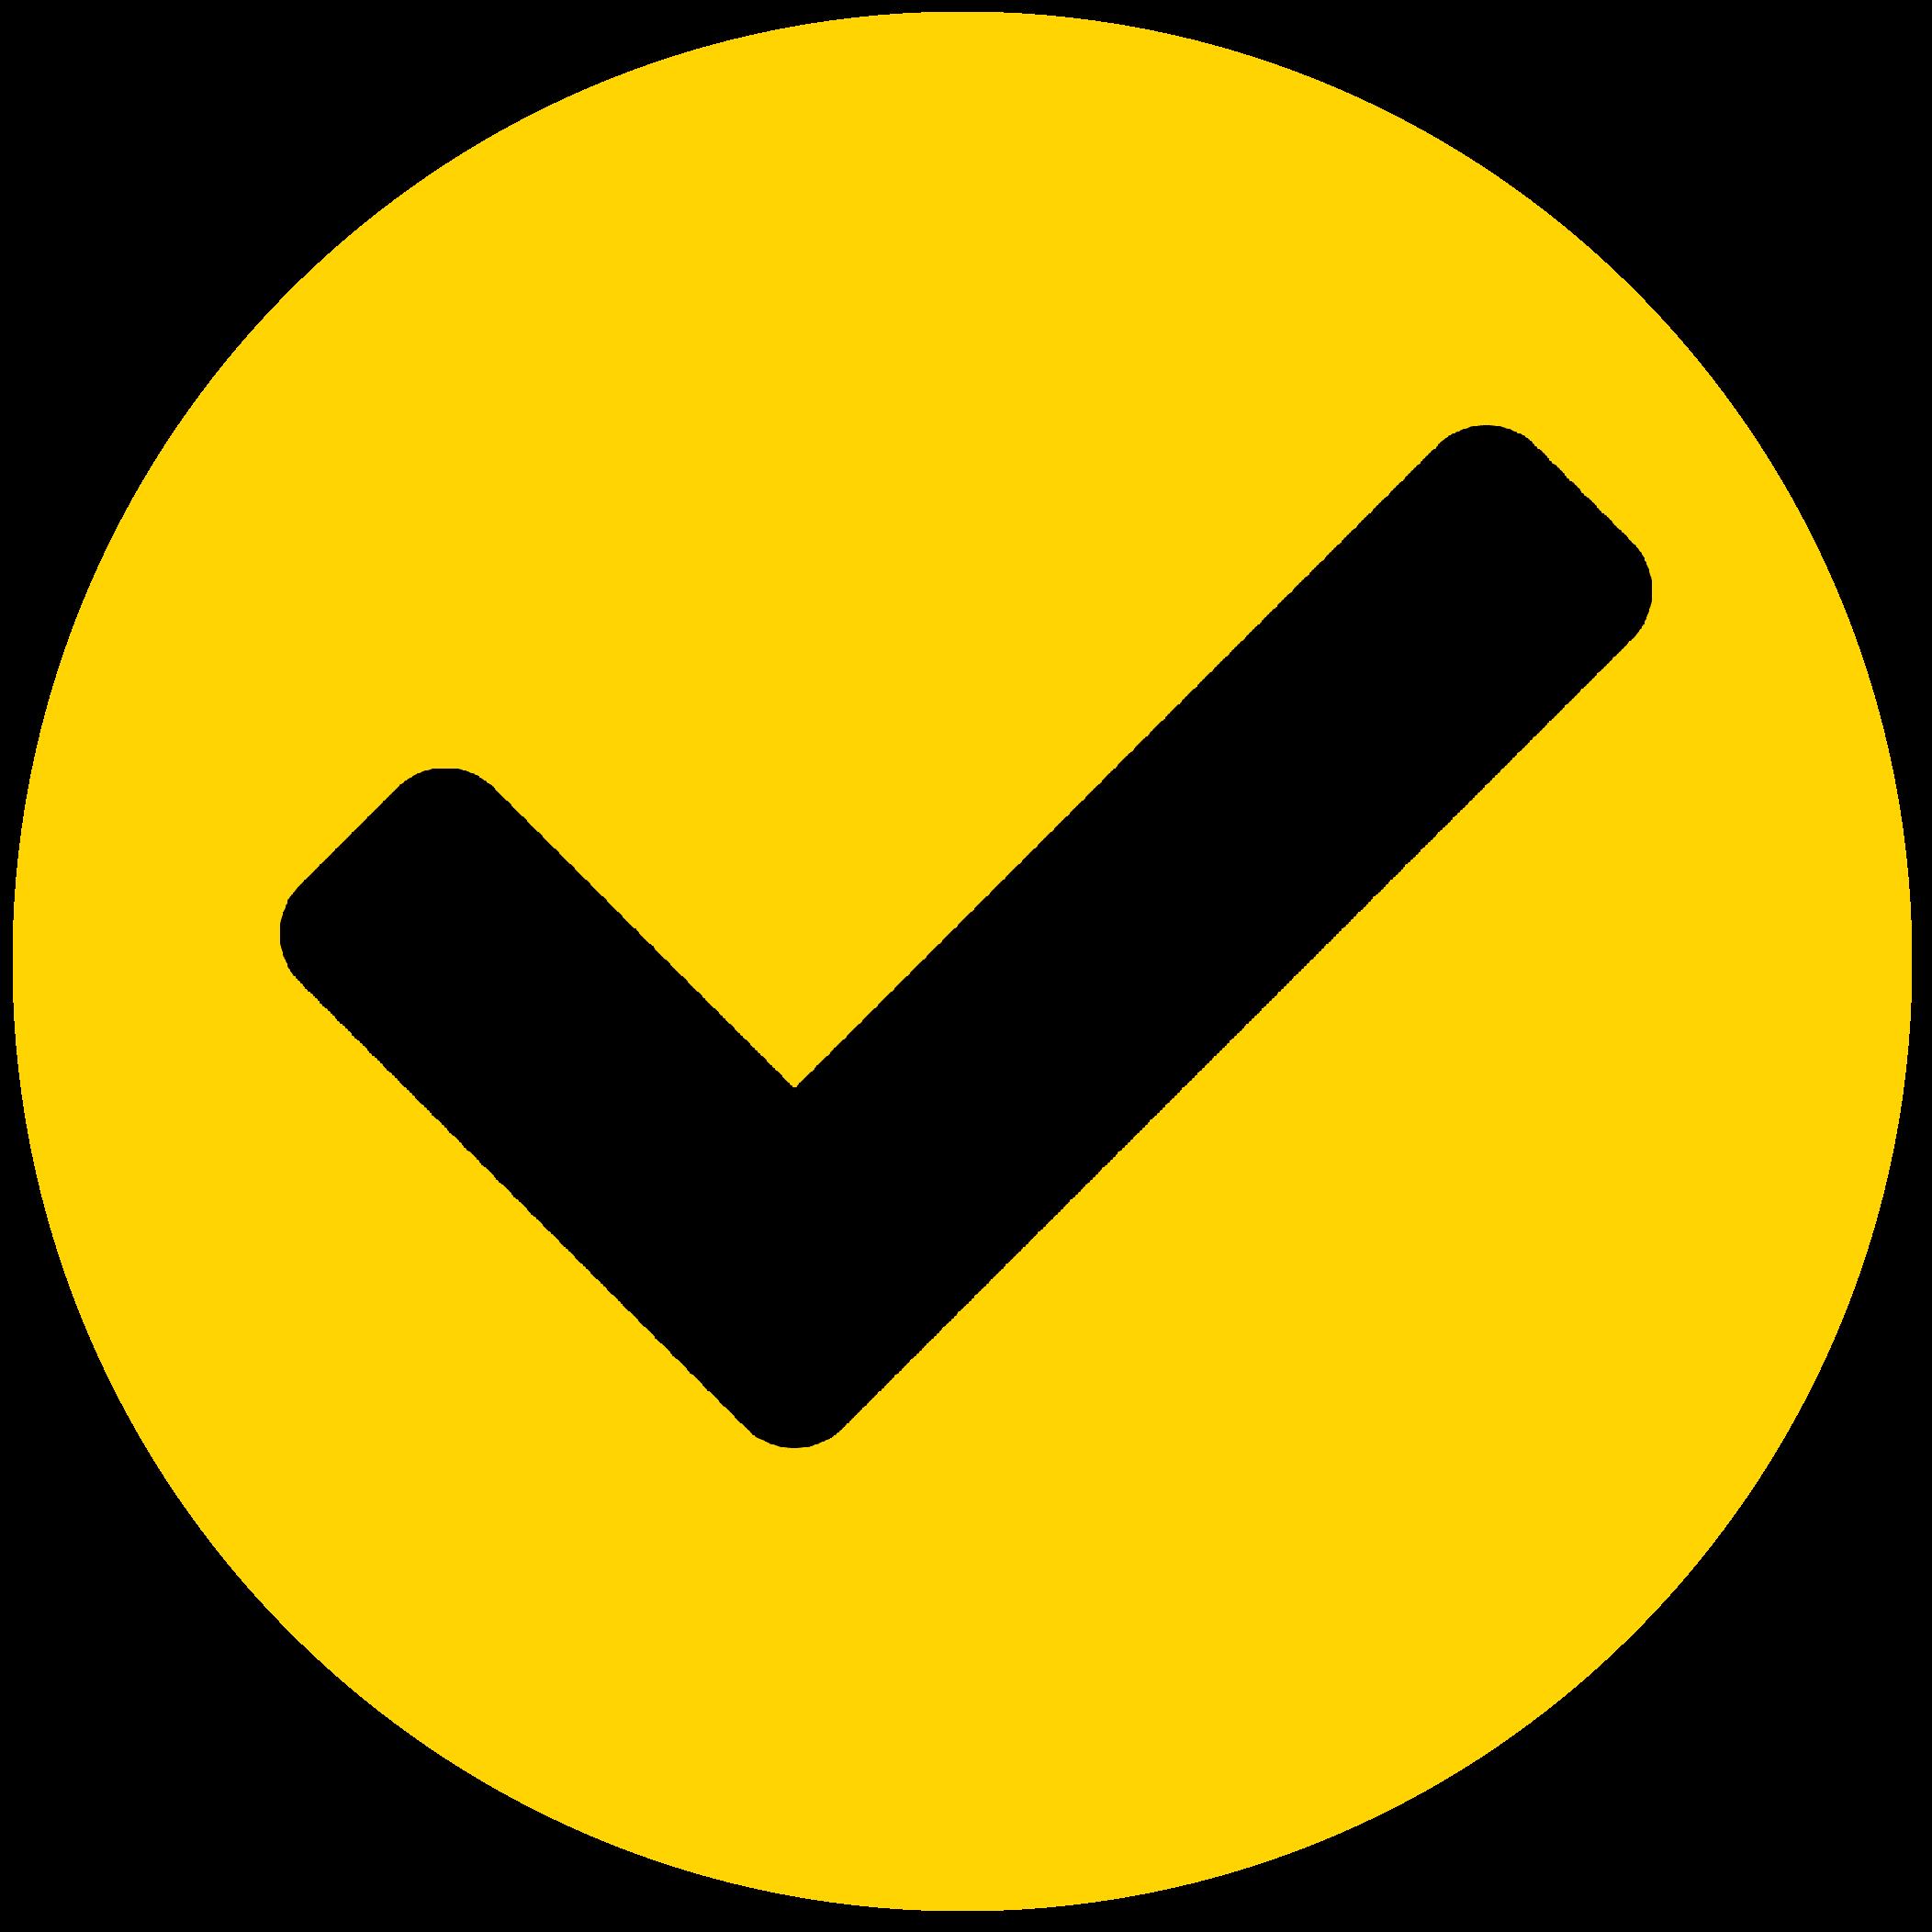 fluemærke ikon